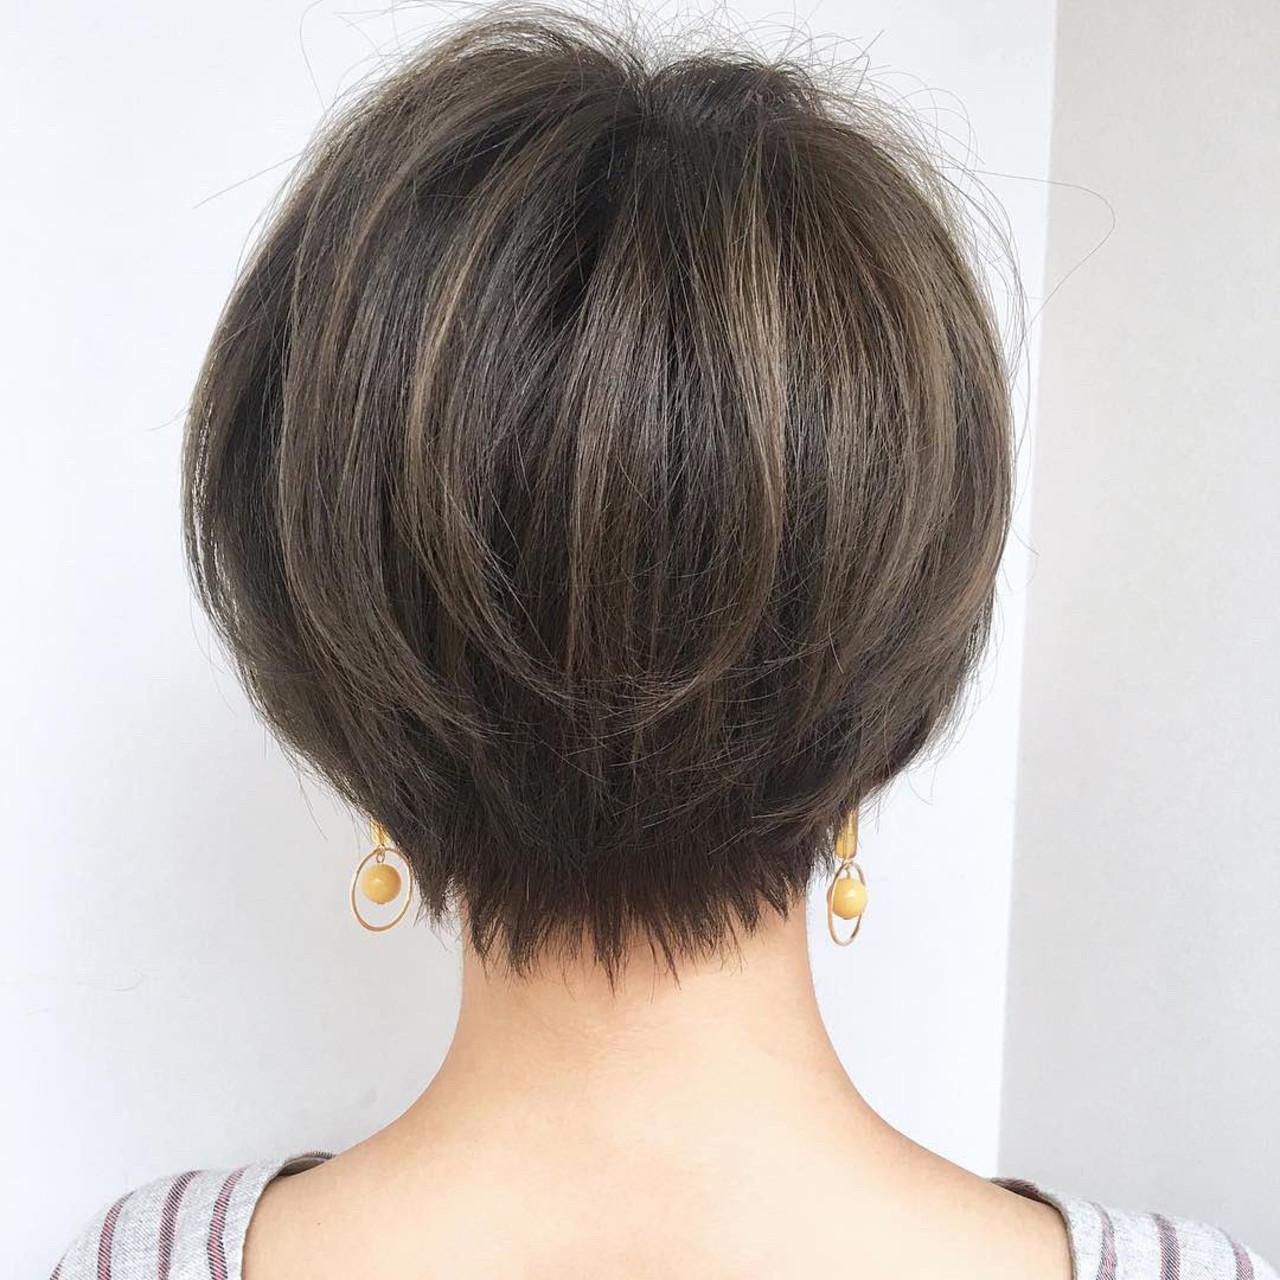 オフィス ショート スポーツ デート ヘアスタイルや髪型の写真・画像 | ショートボブの匠【 山内大成 】『i.hair』 / 『 i. 』 omotesando